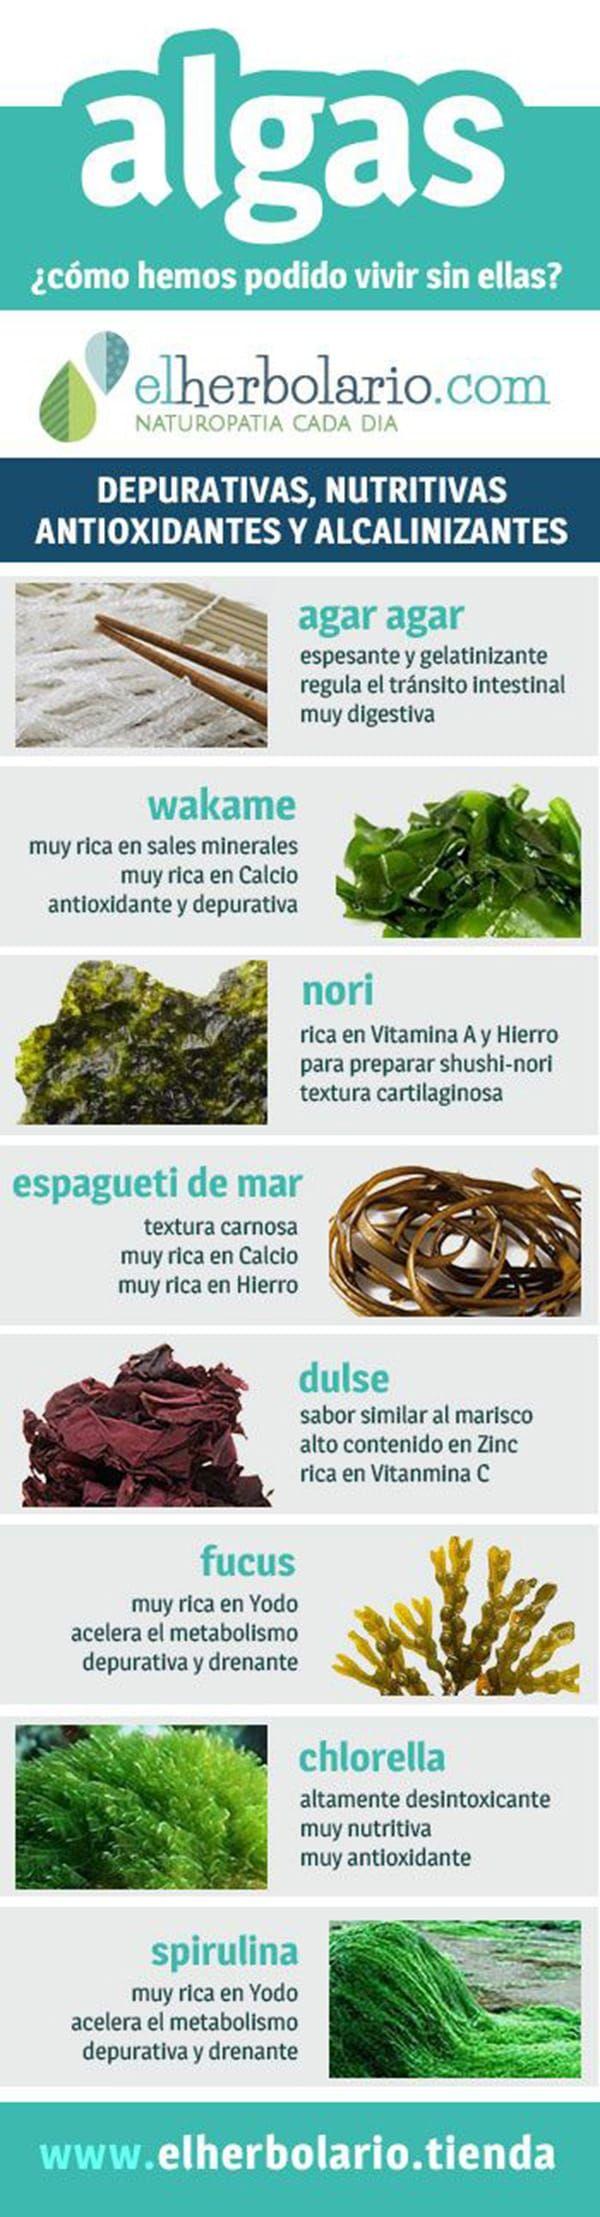 Los diferentes tipos de algas y algunas de sus propiedades y nutrientes más importantes. #algas #infografia #salud